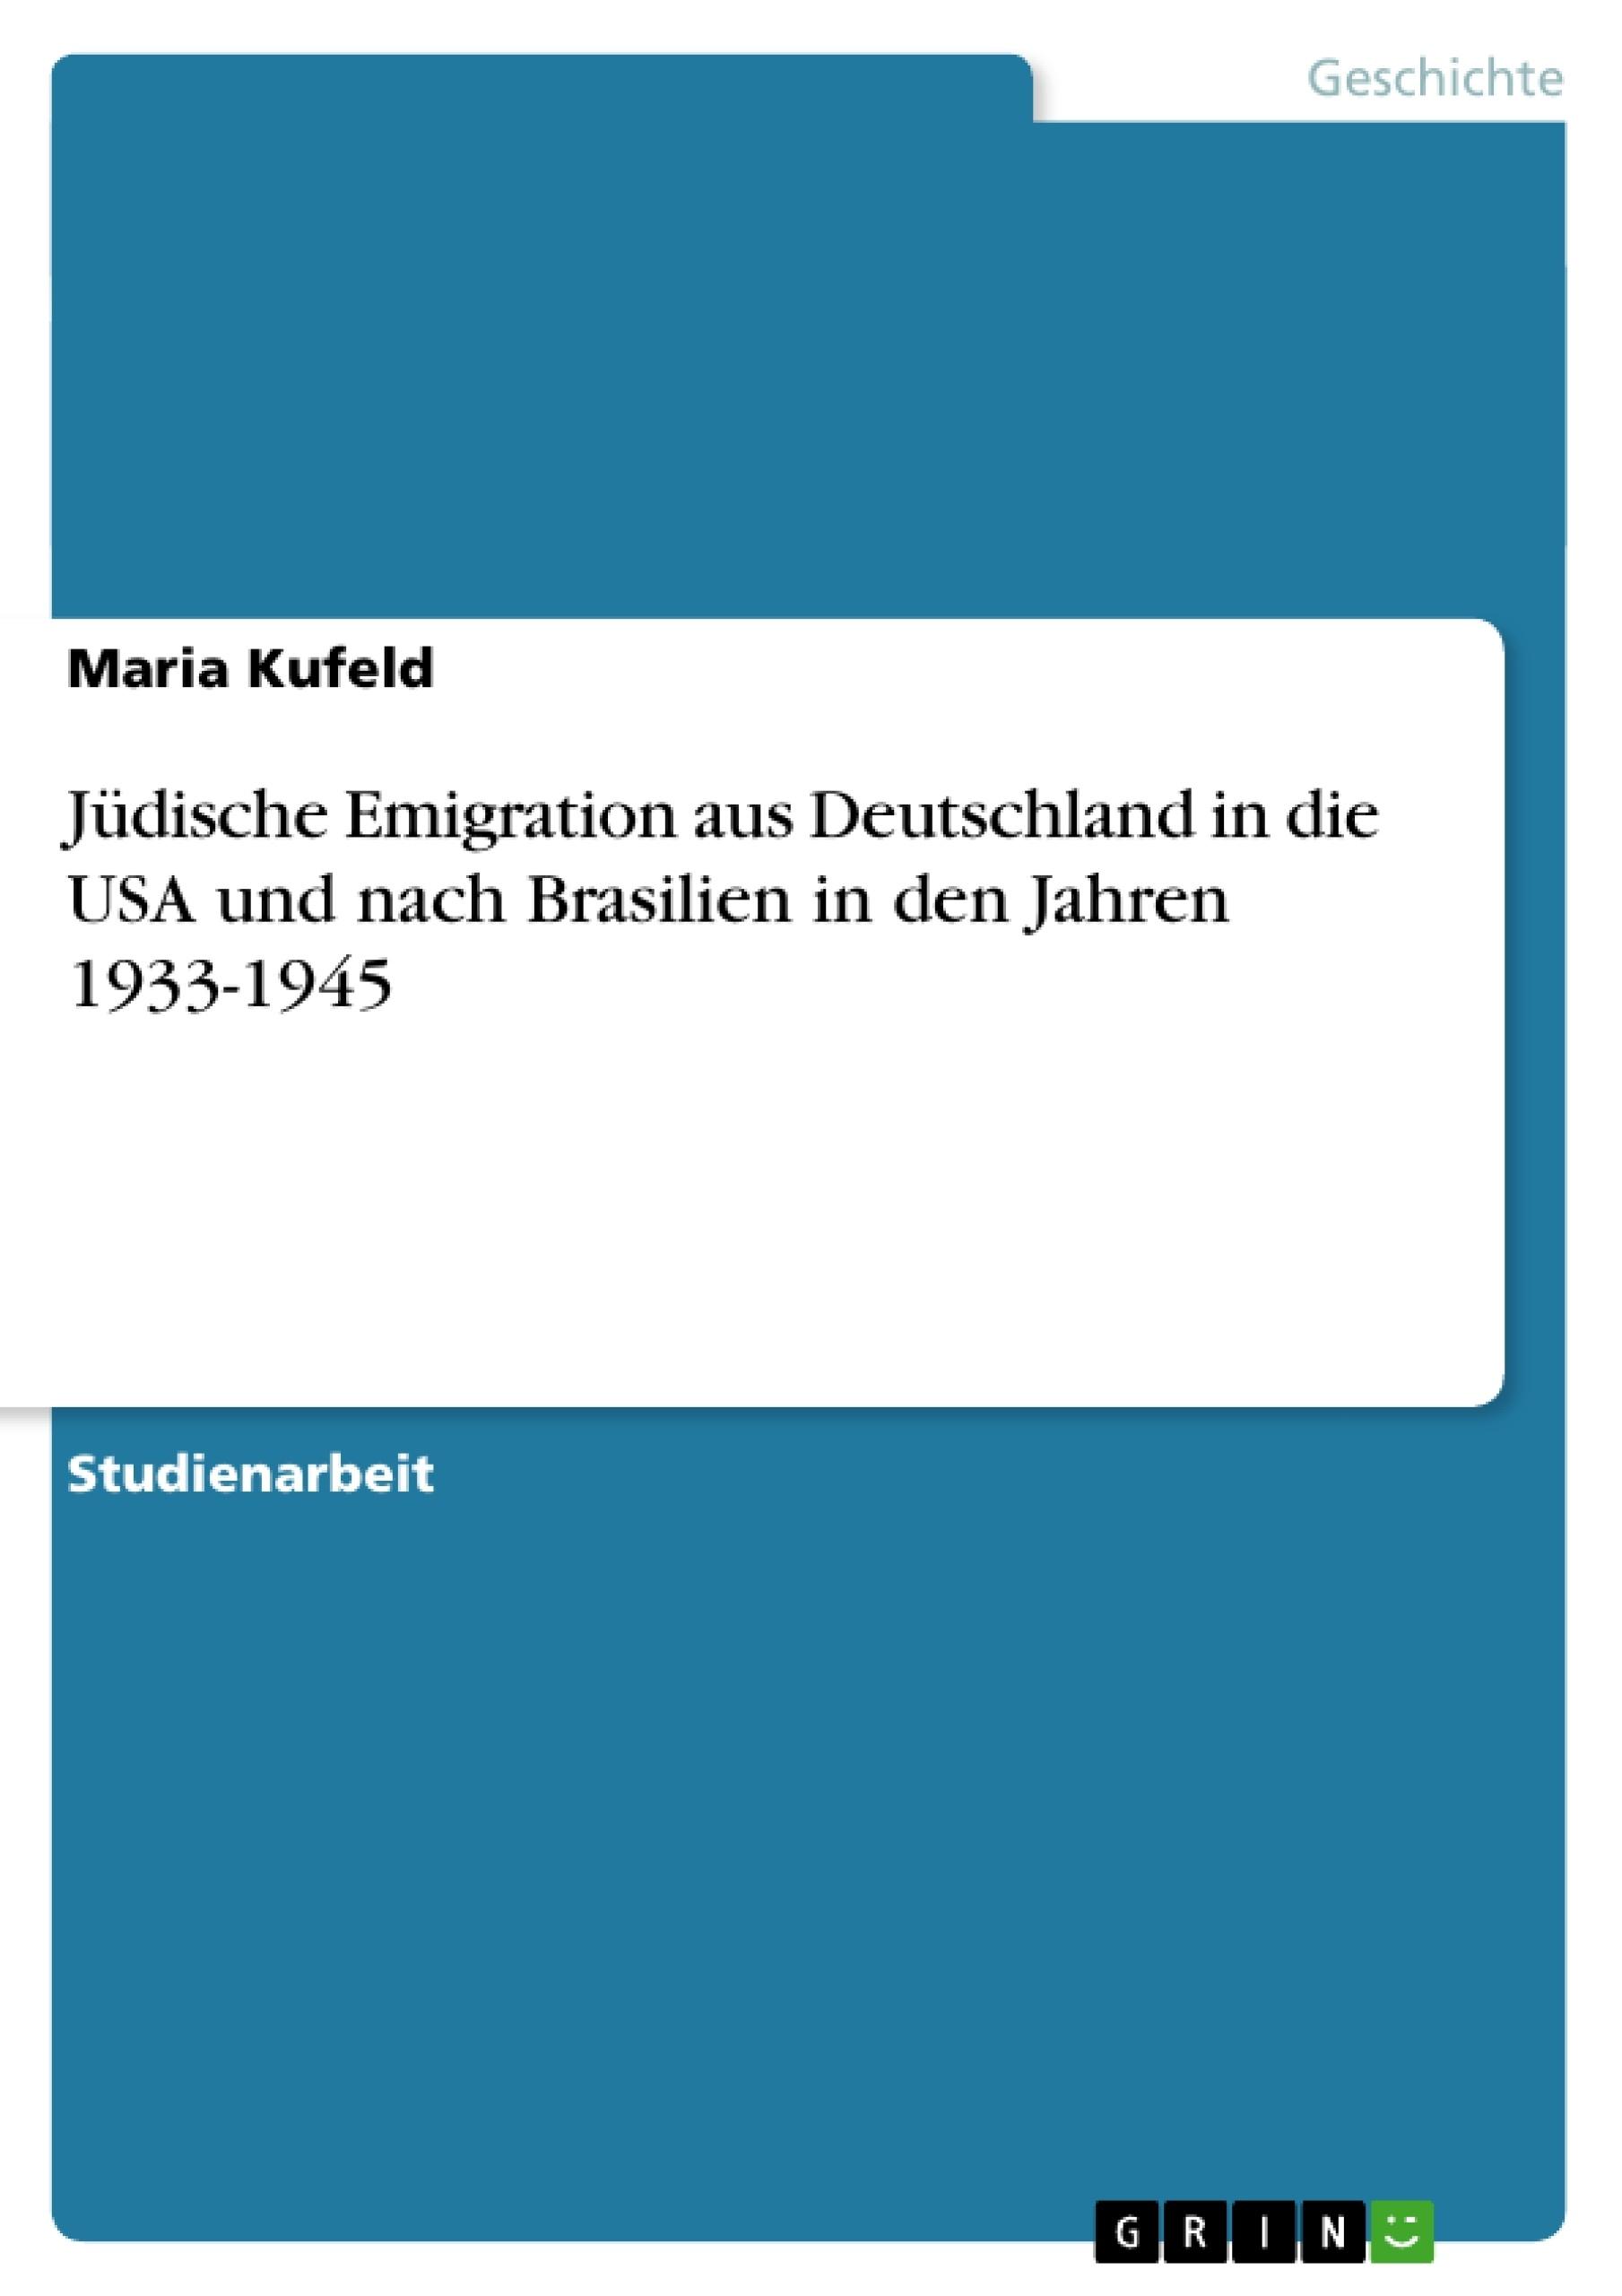 Titel: Jüdische Emigration aus Deutschland in die USA und nach Brasilien in den Jahren 1933-1945